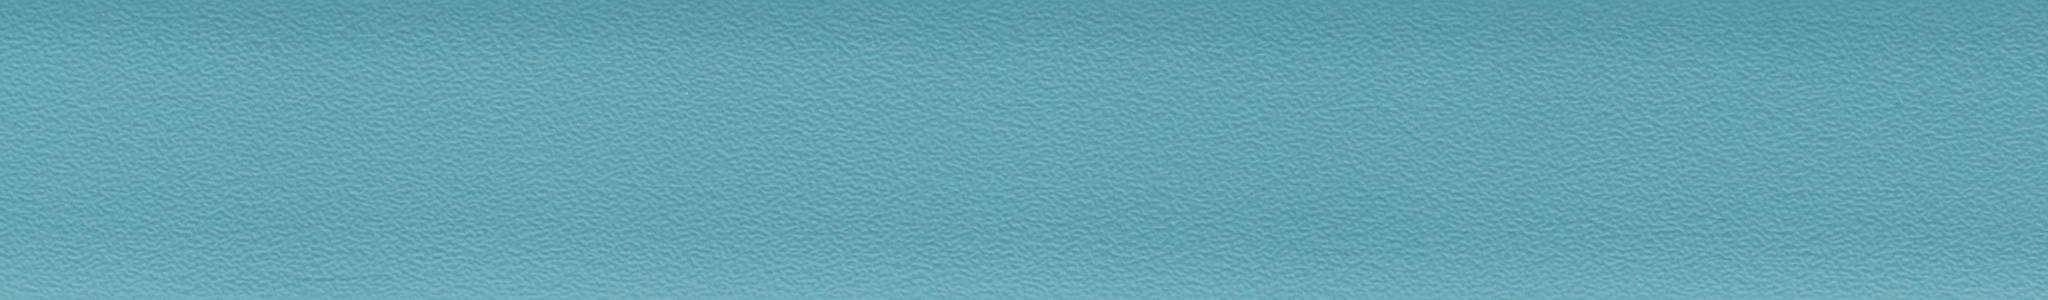 HU 15074 ABS hrana modrá perla 101